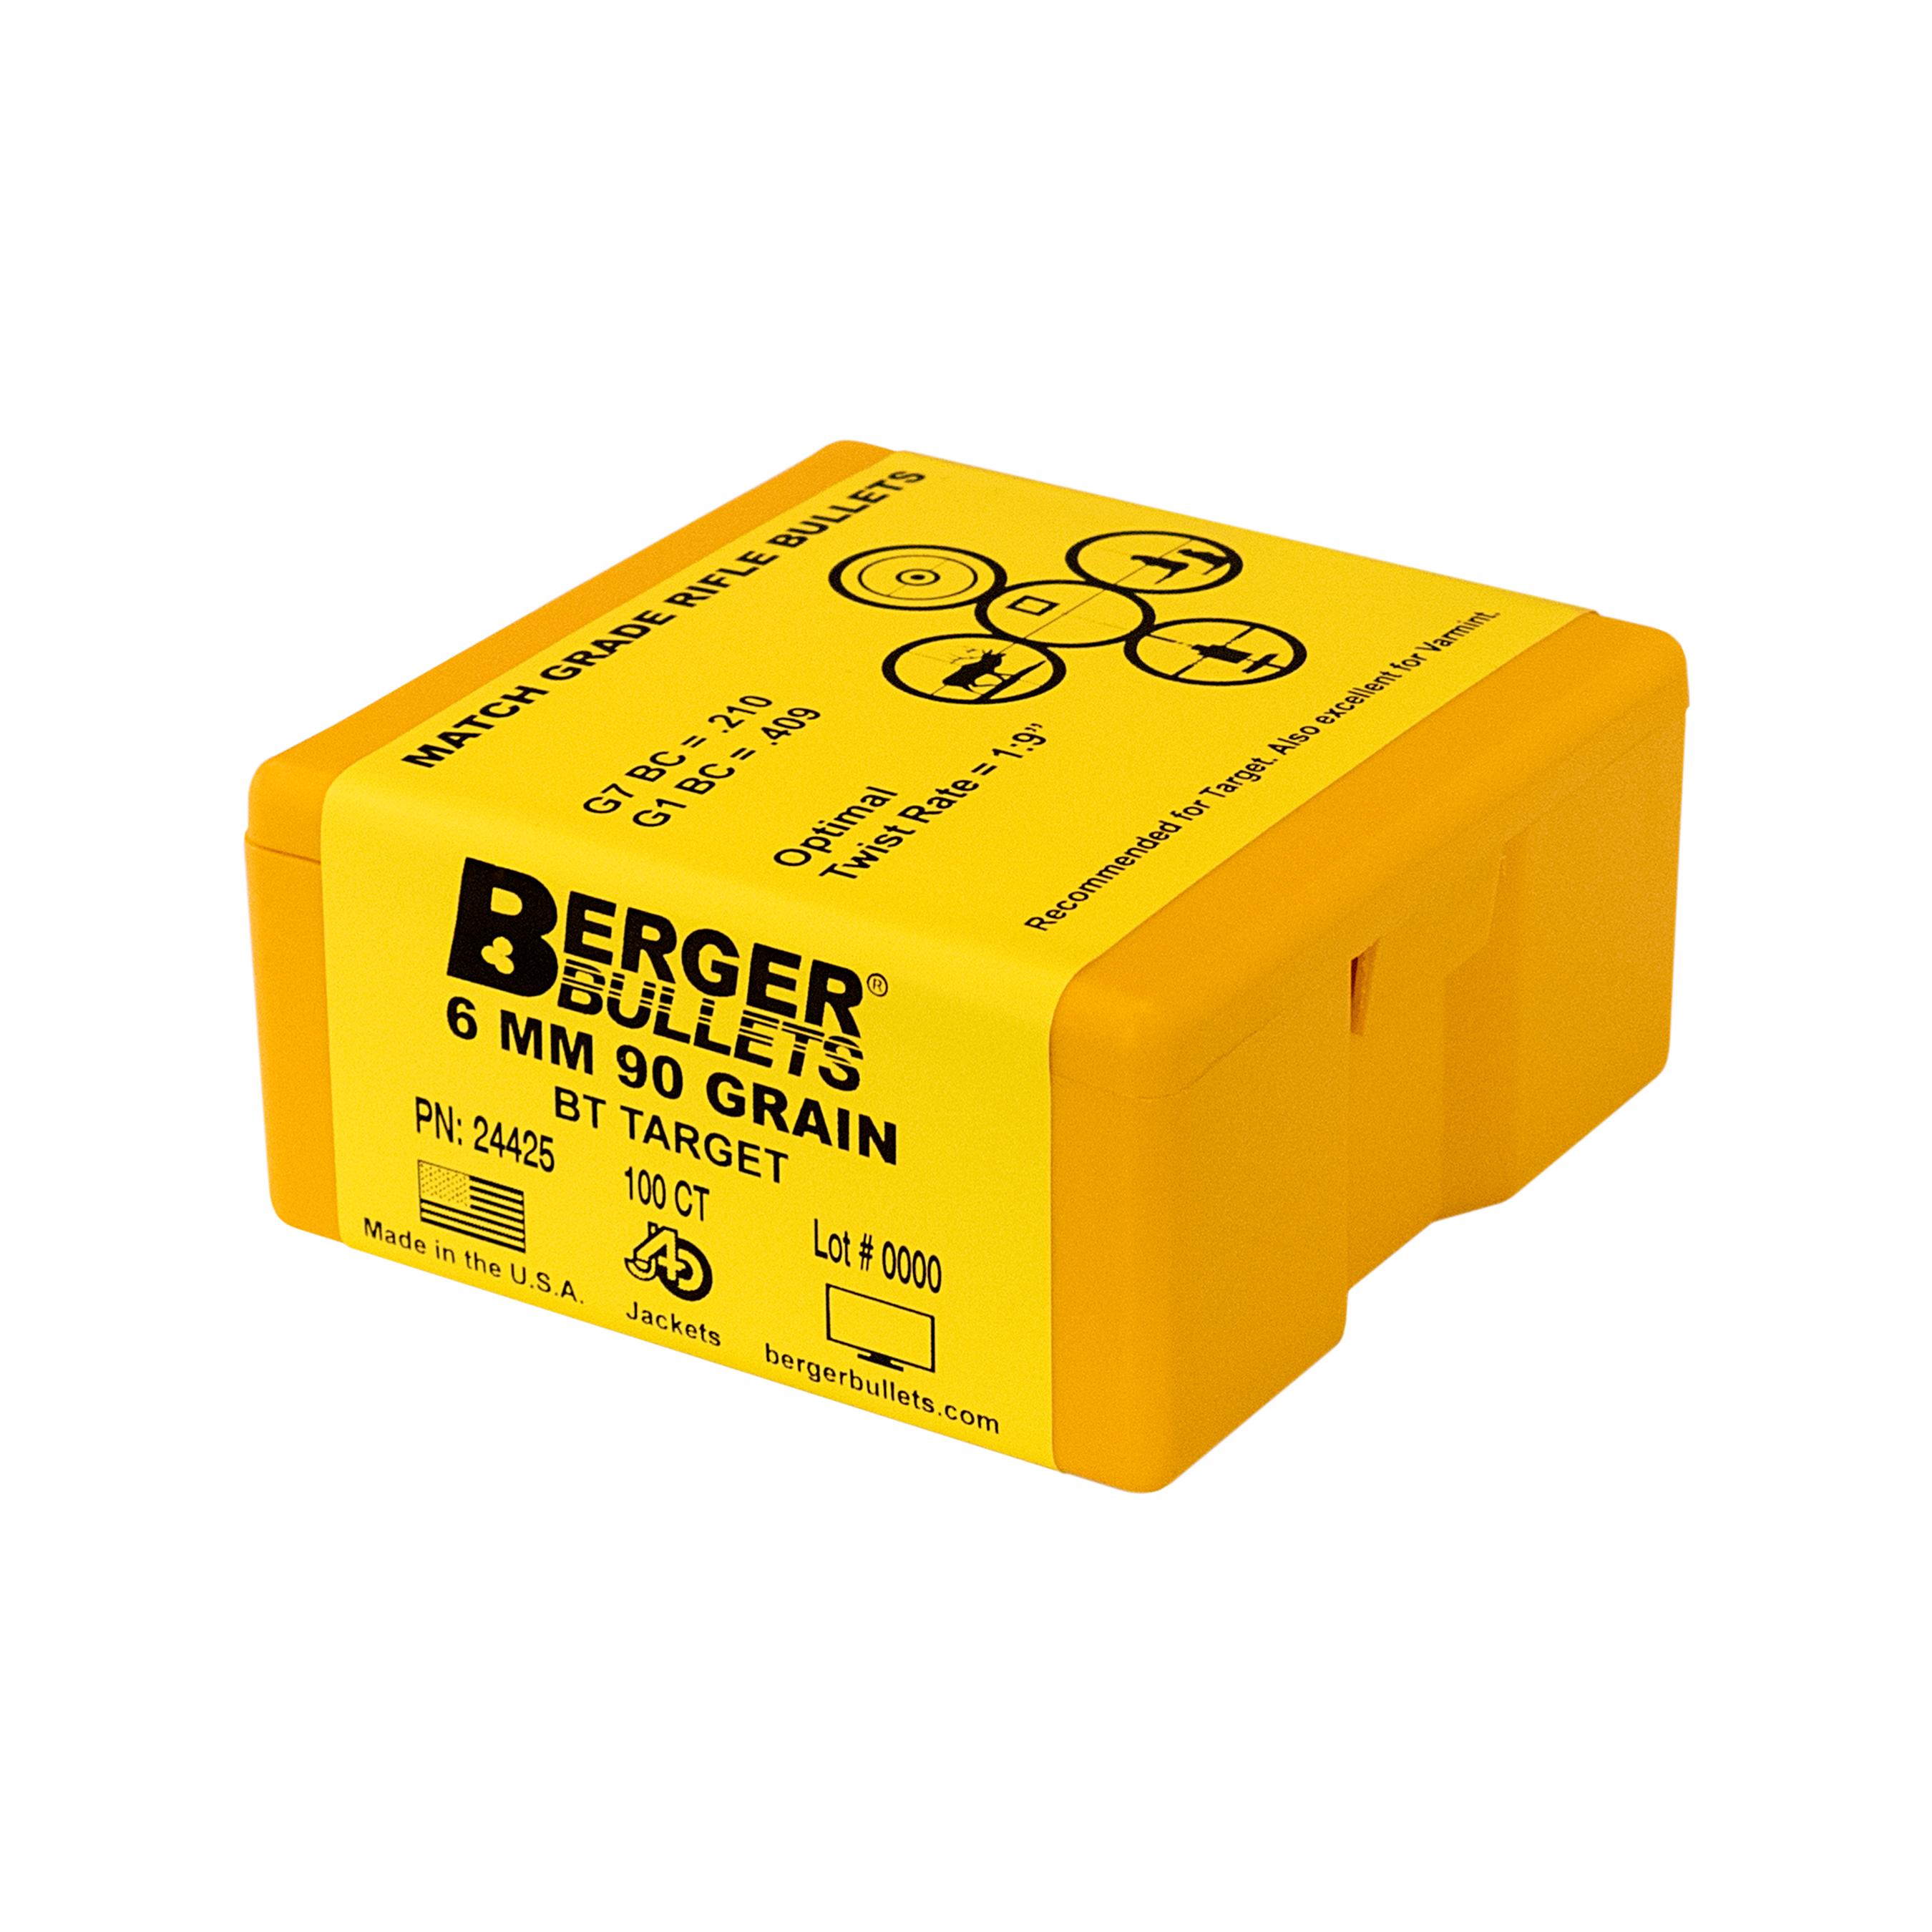 Berger 6mm 90 Gr BT Target Bullets (100 Ct)